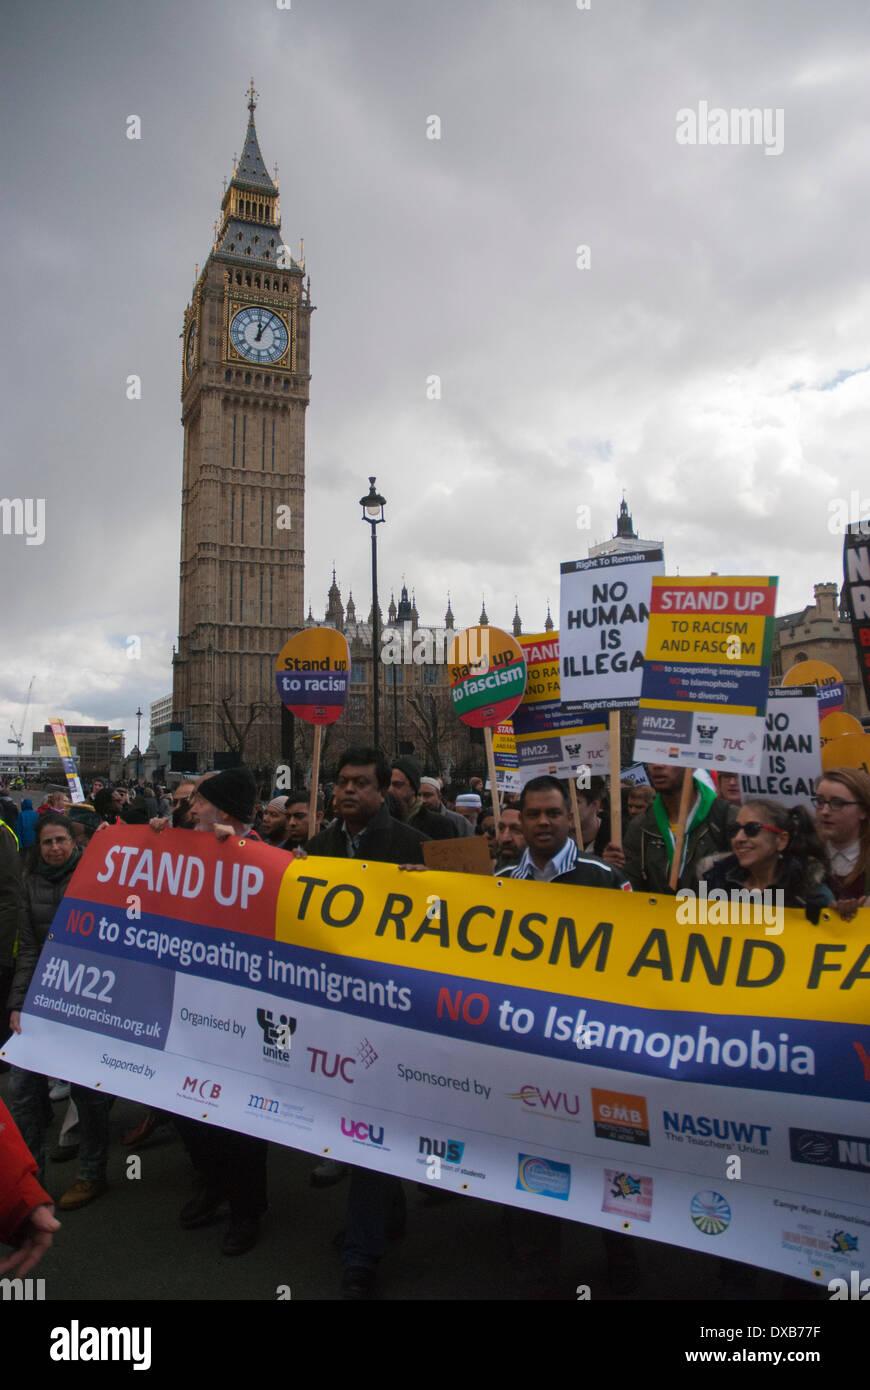 Londra, Regno Unito. Il 22 marzo 2014. Il rally Anti-Racism marche passato Londra iconici Big Ben clock tower. Credito: Peter Manning/Alamy Live News Immagini Stock